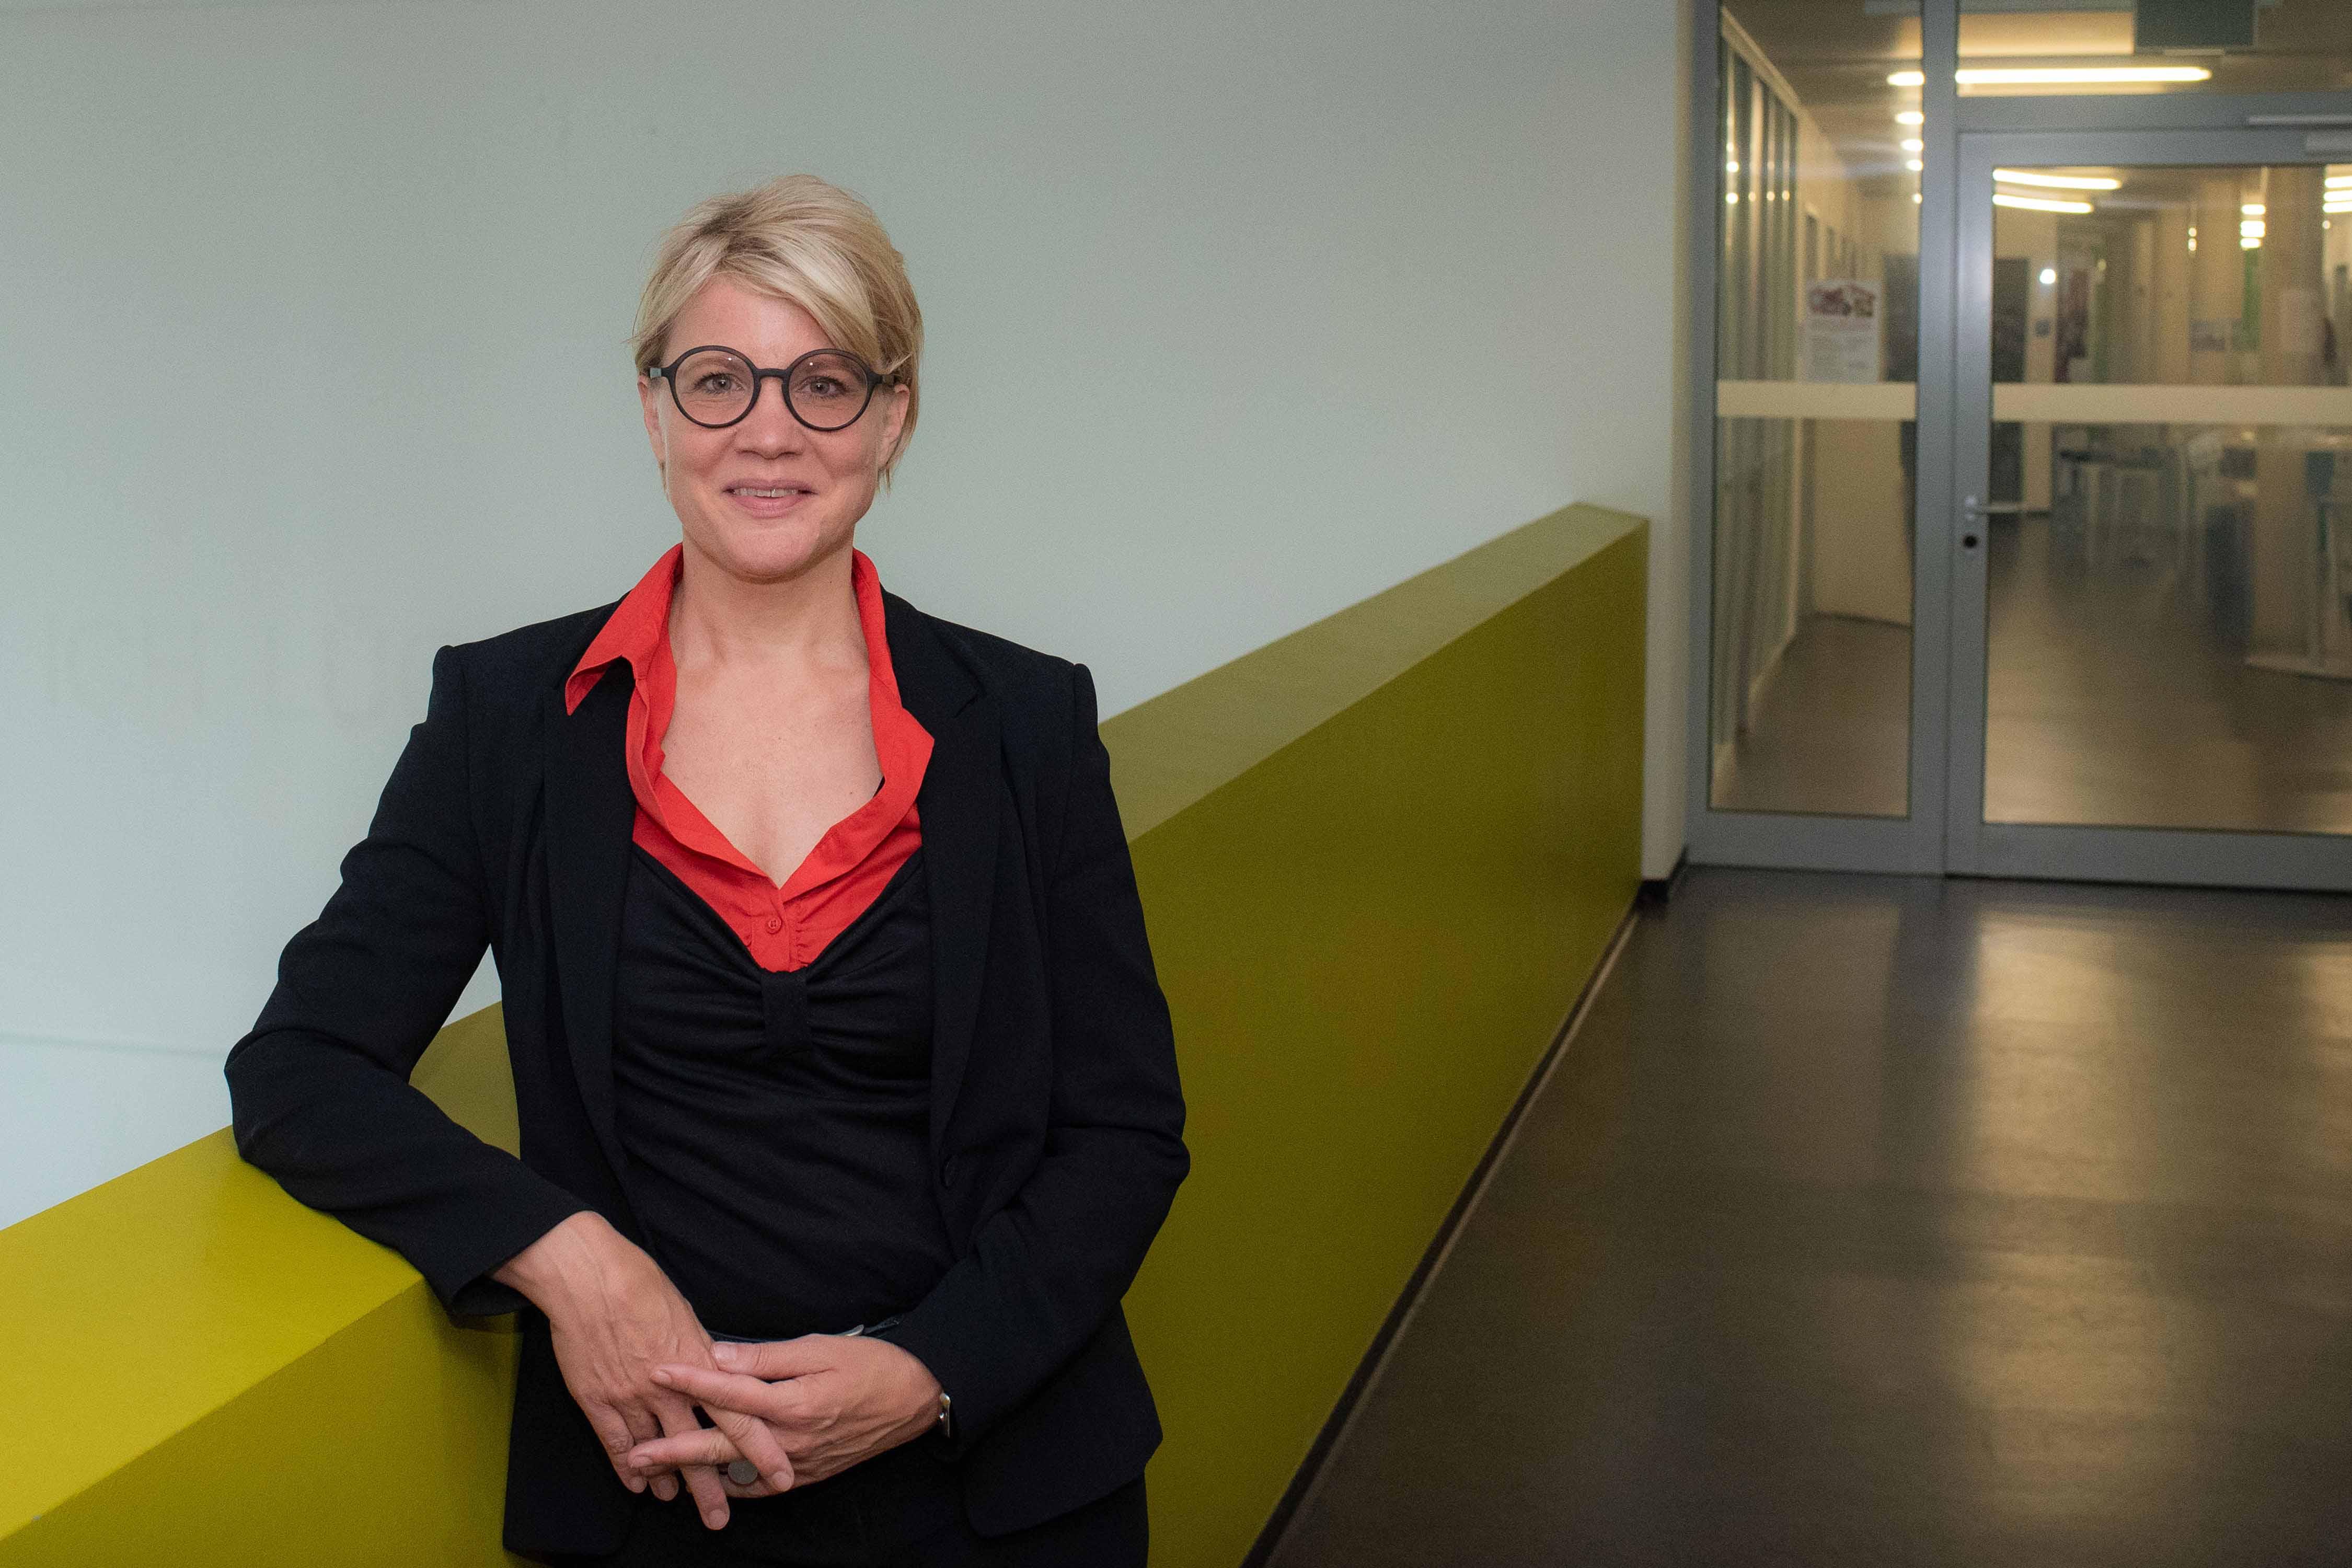 Neue Rektorin für die Alanus Hochschule gewählt